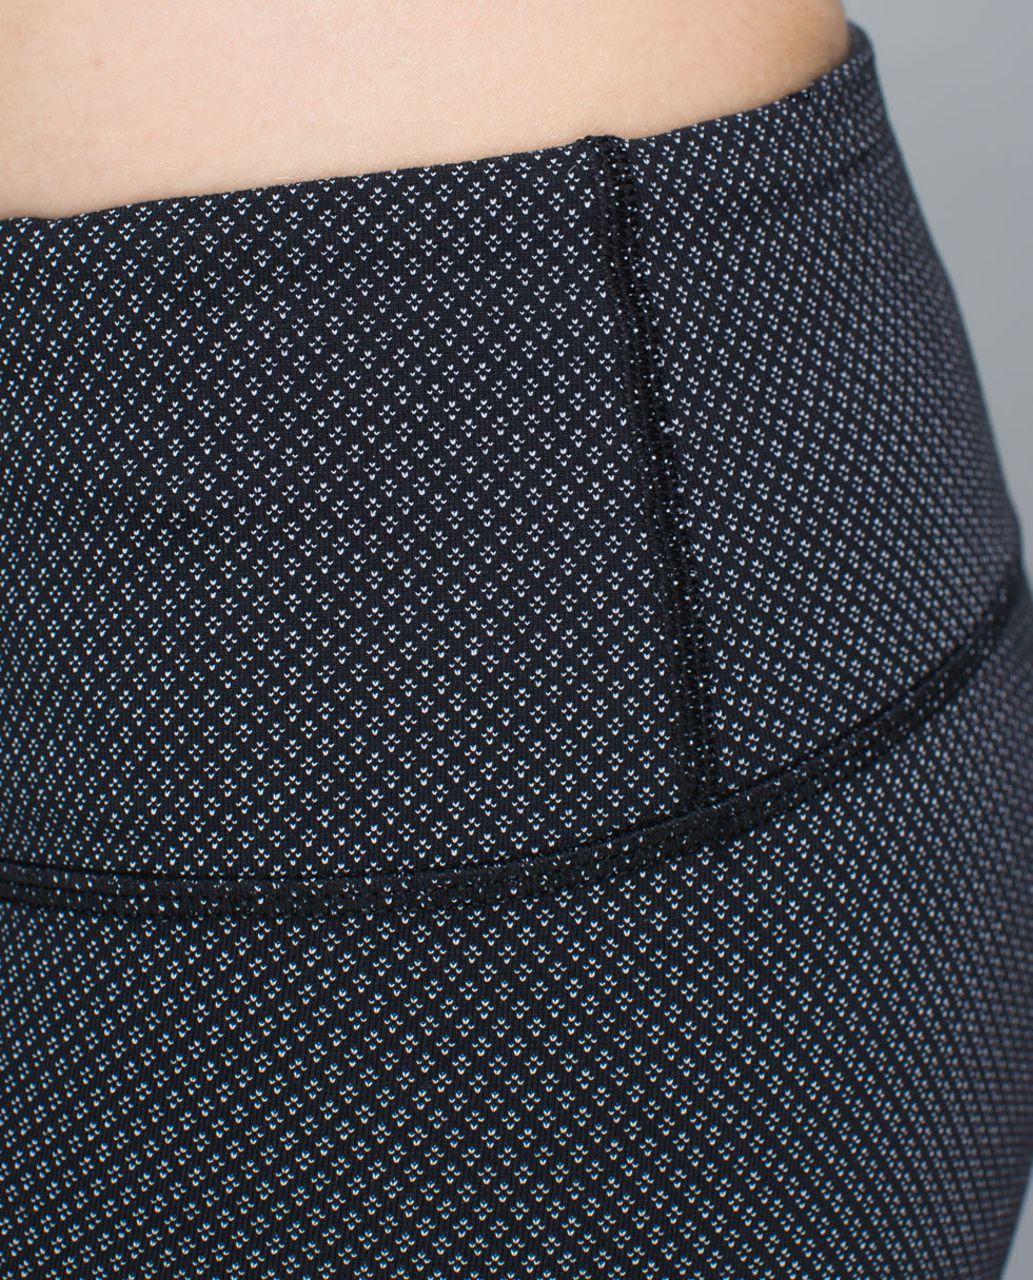 Lululemon Boogie Short - Diamond Dot Black White / Black